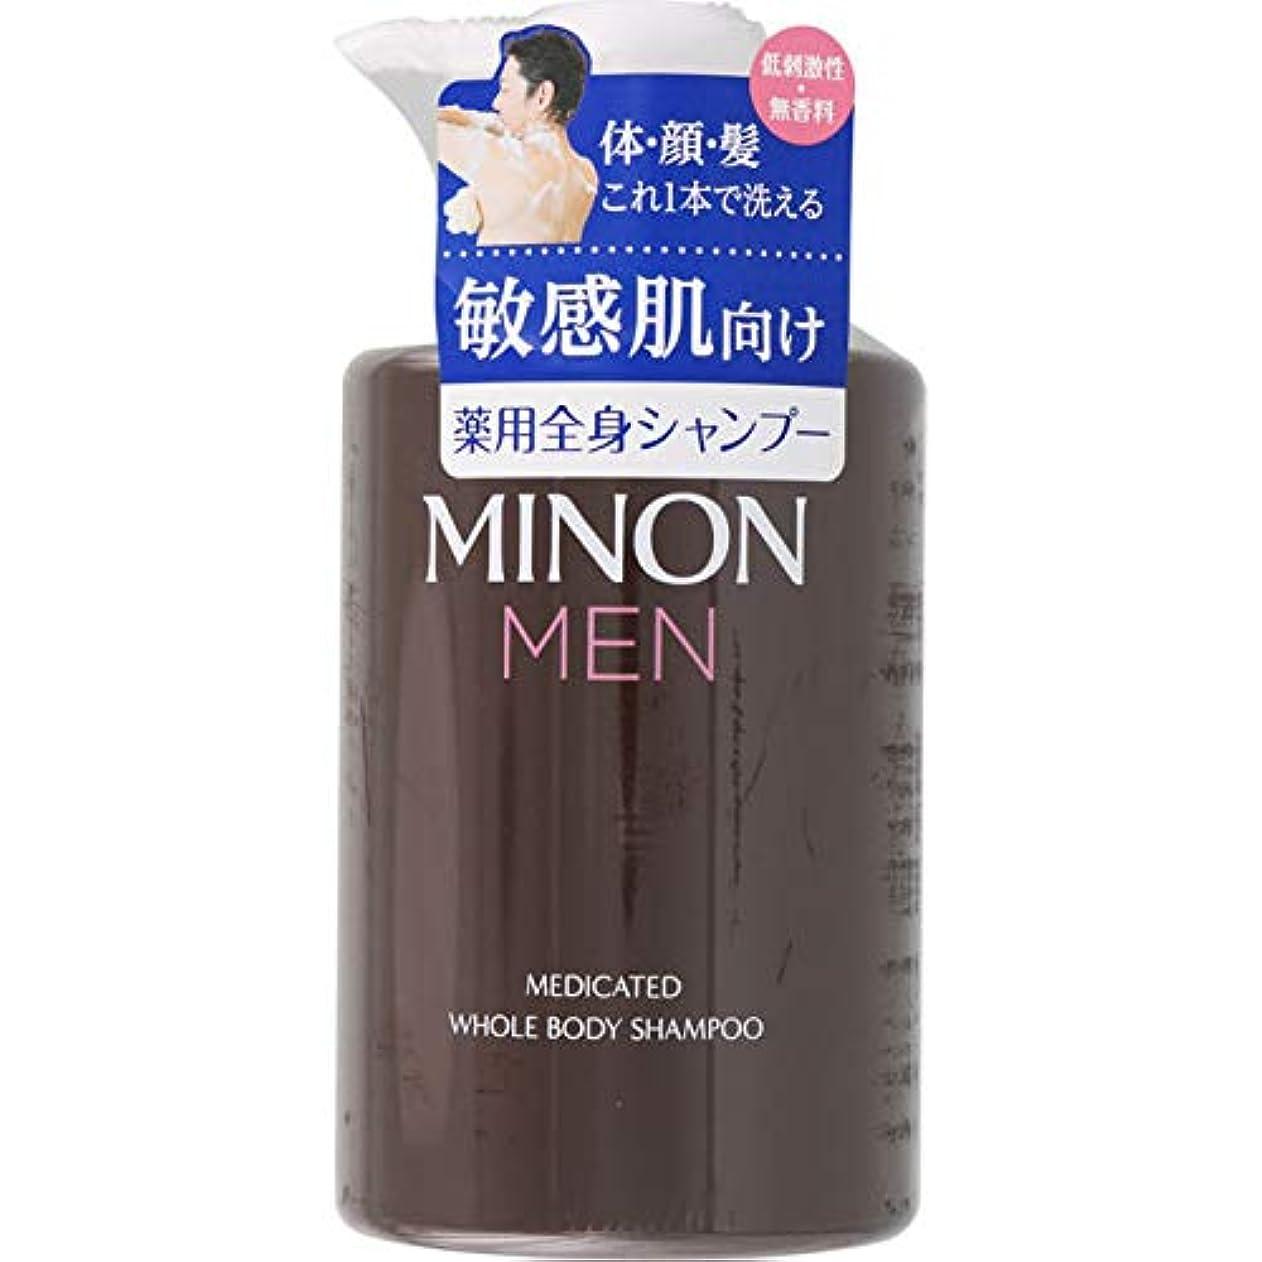 強化限りなく吐く第一三共ヘルスケア ミノン メン 薬用全身シャンプー 400ml (医薬部外品)